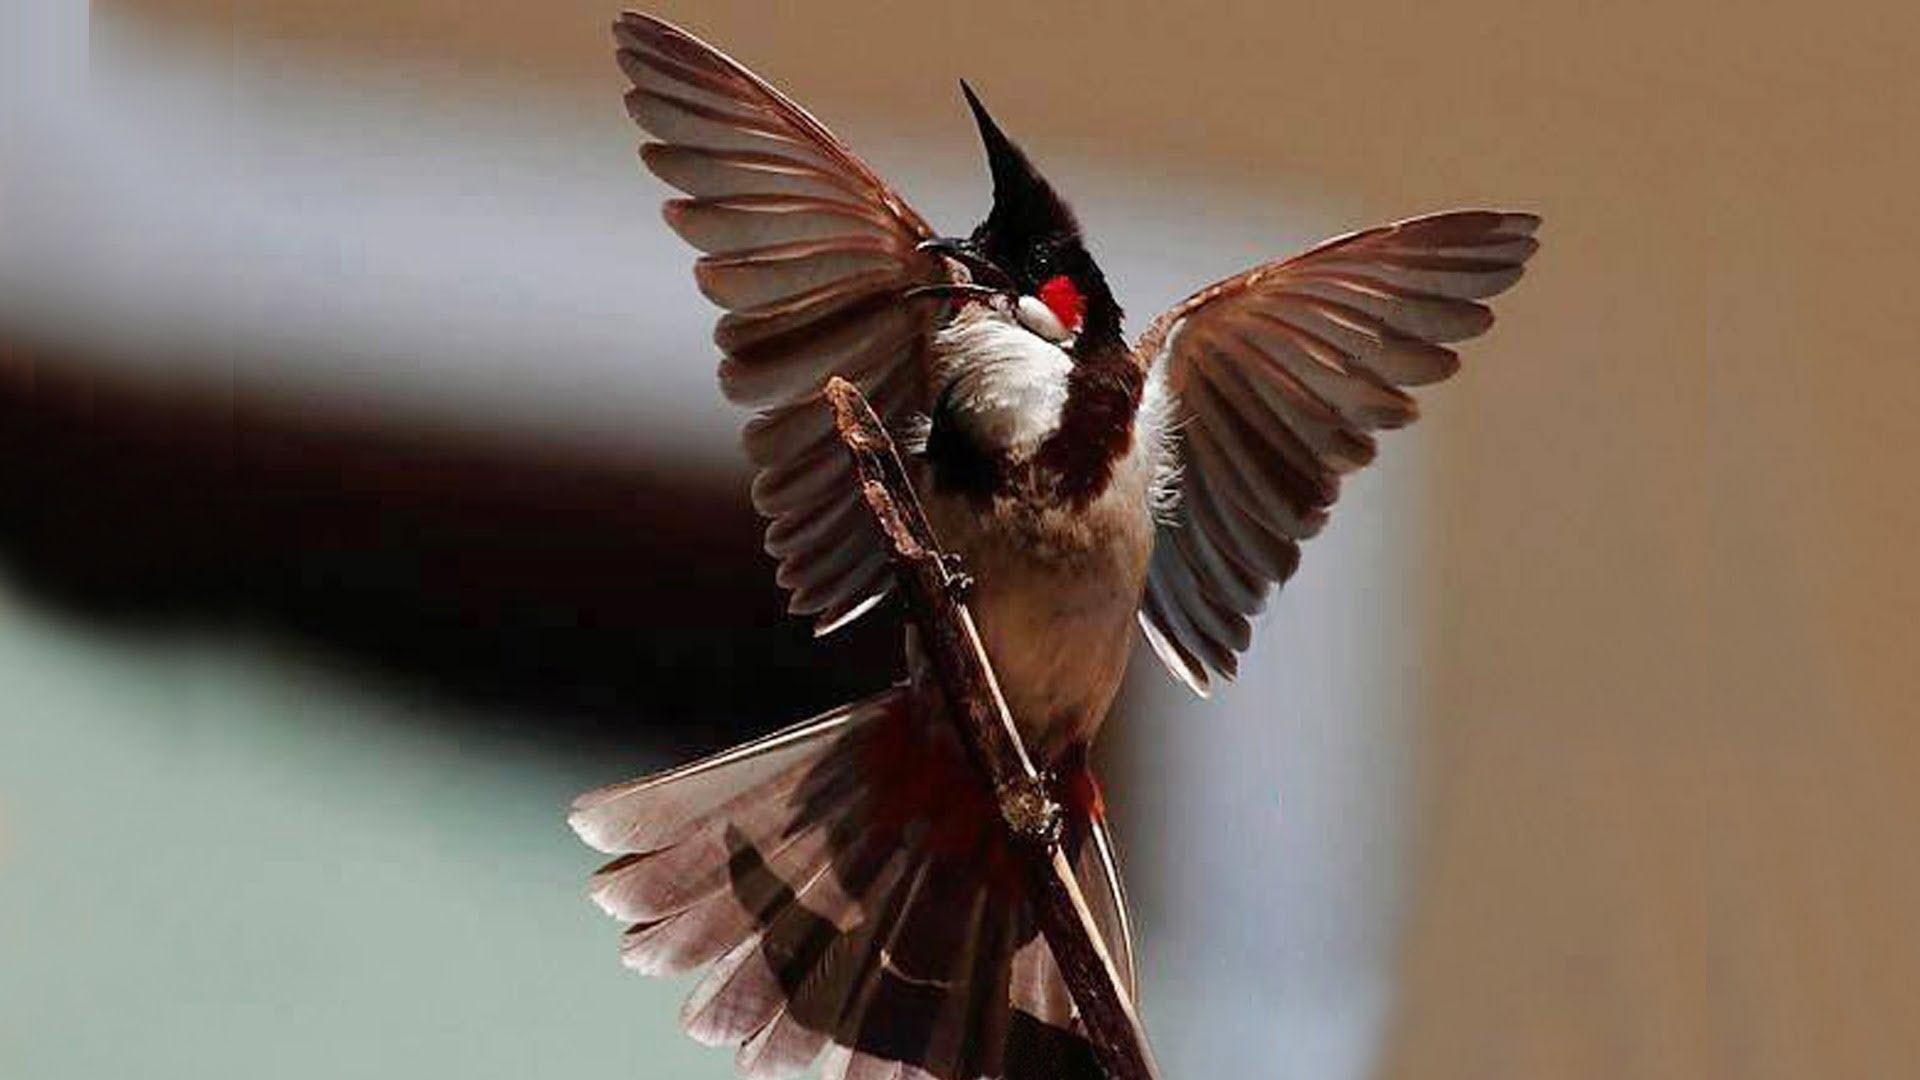 Hình nền chim chào mào hót